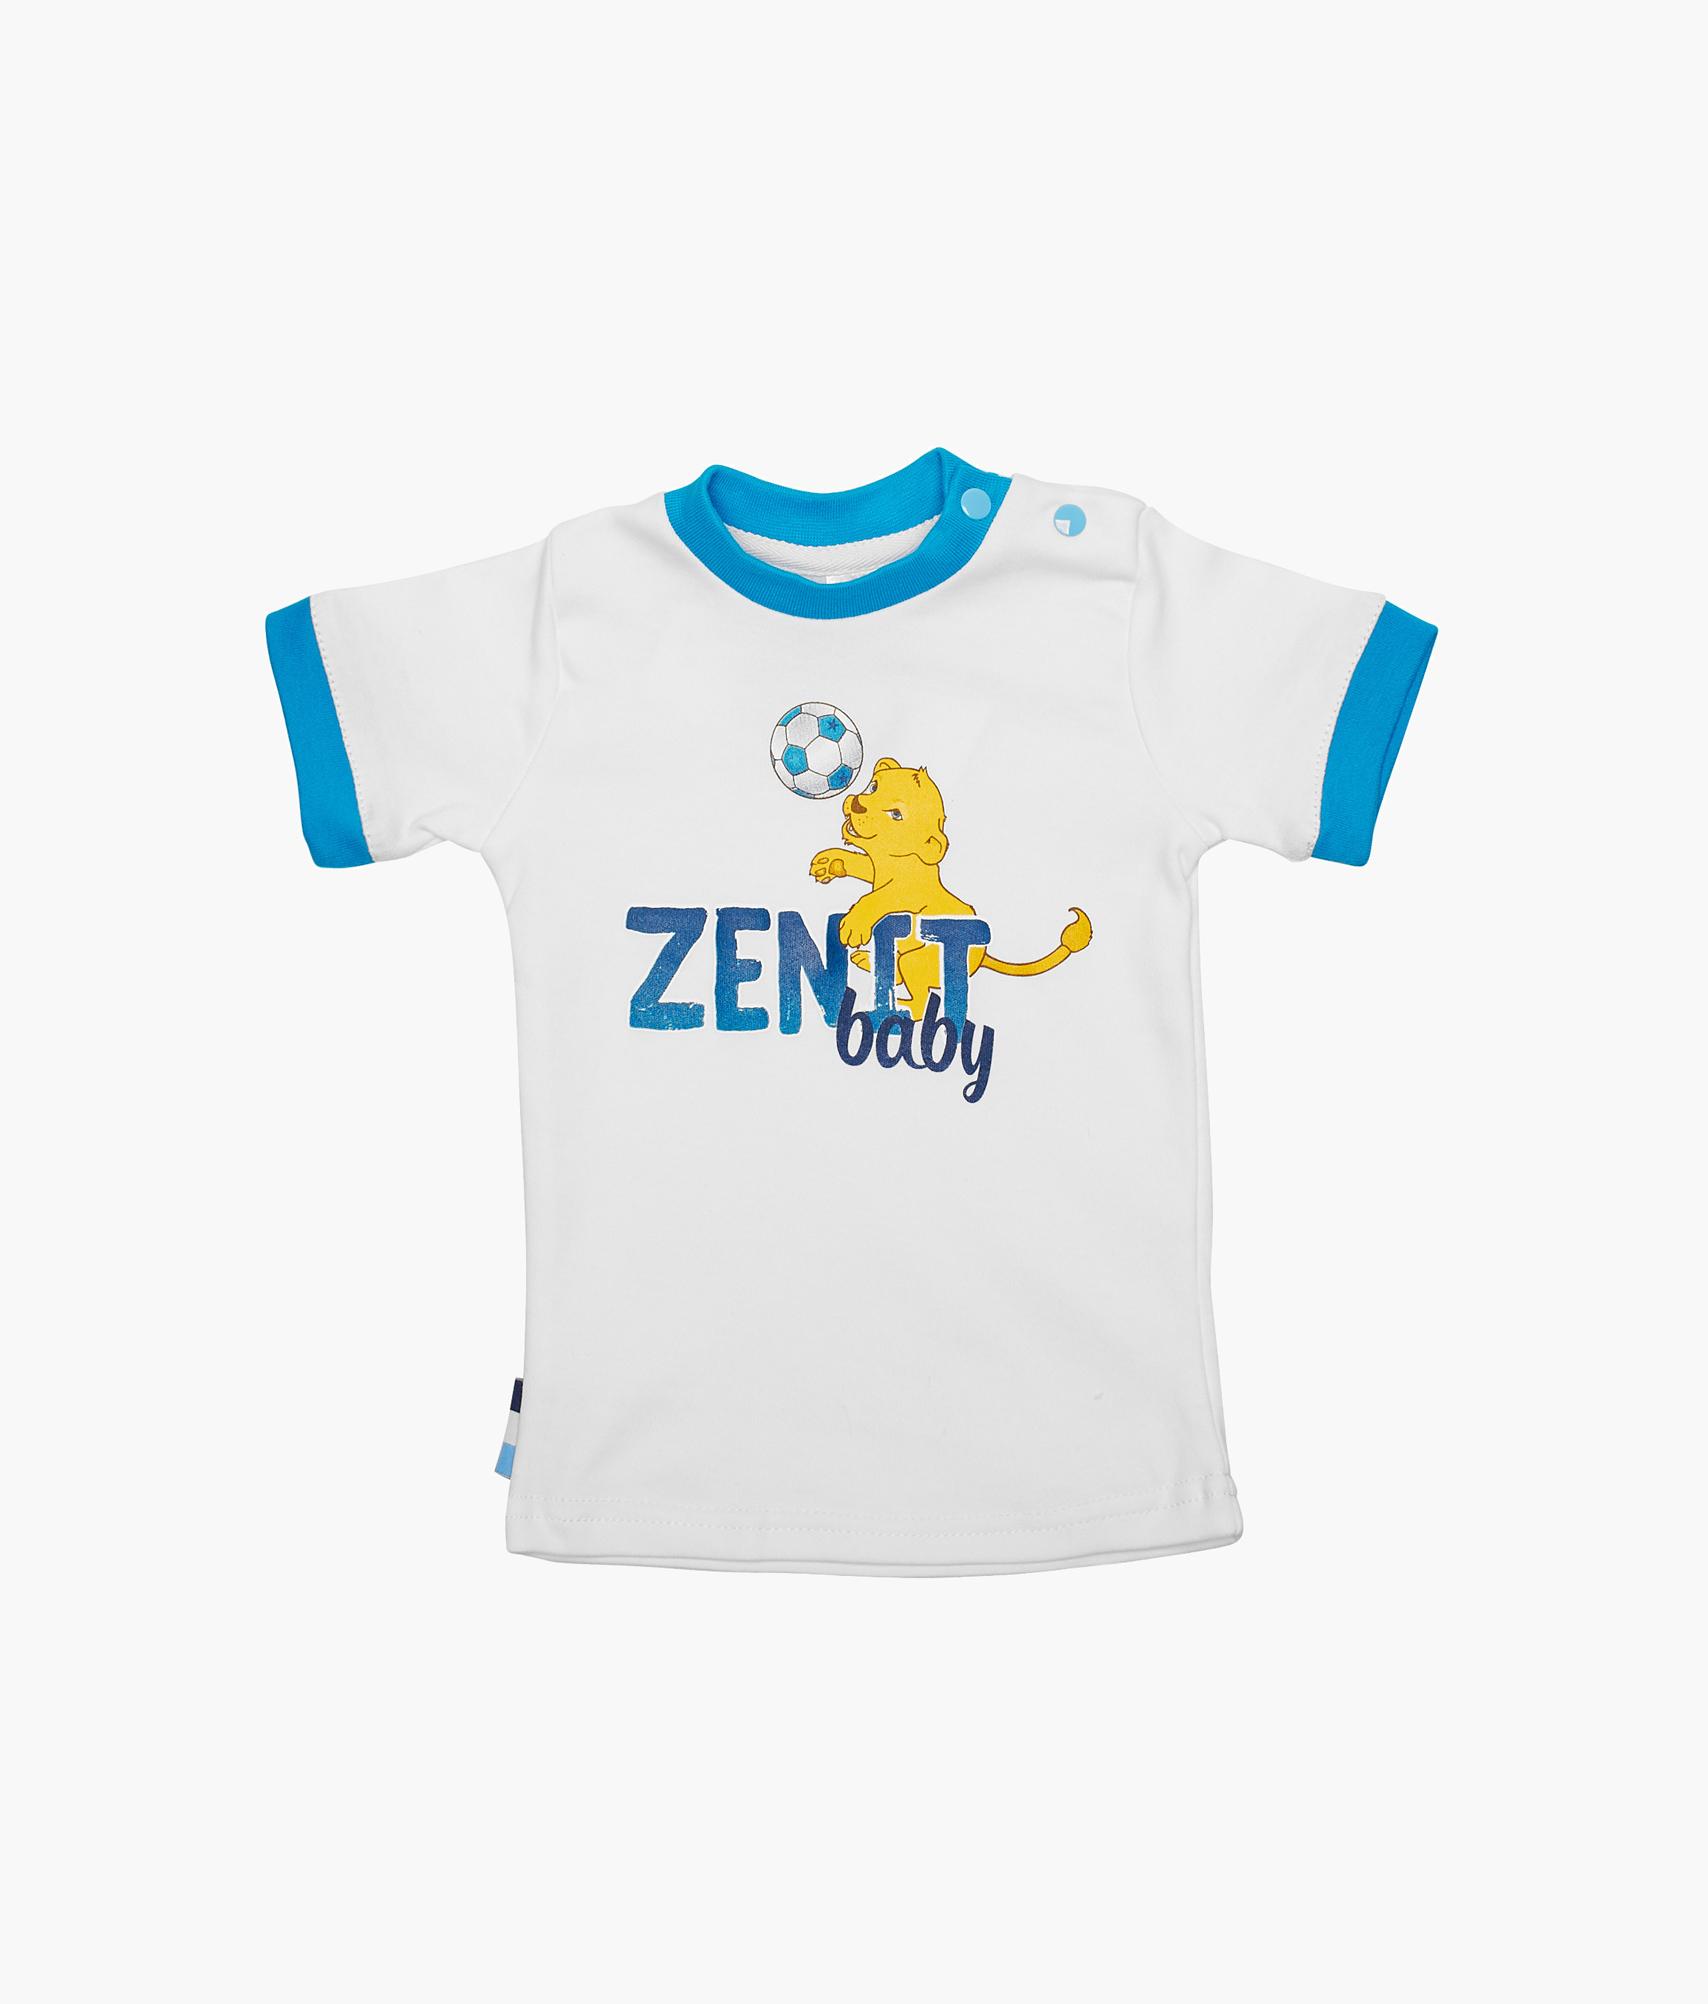 Футболка детская Зенит Зенит Цвет-Белый футболка зенит со своей фамилией